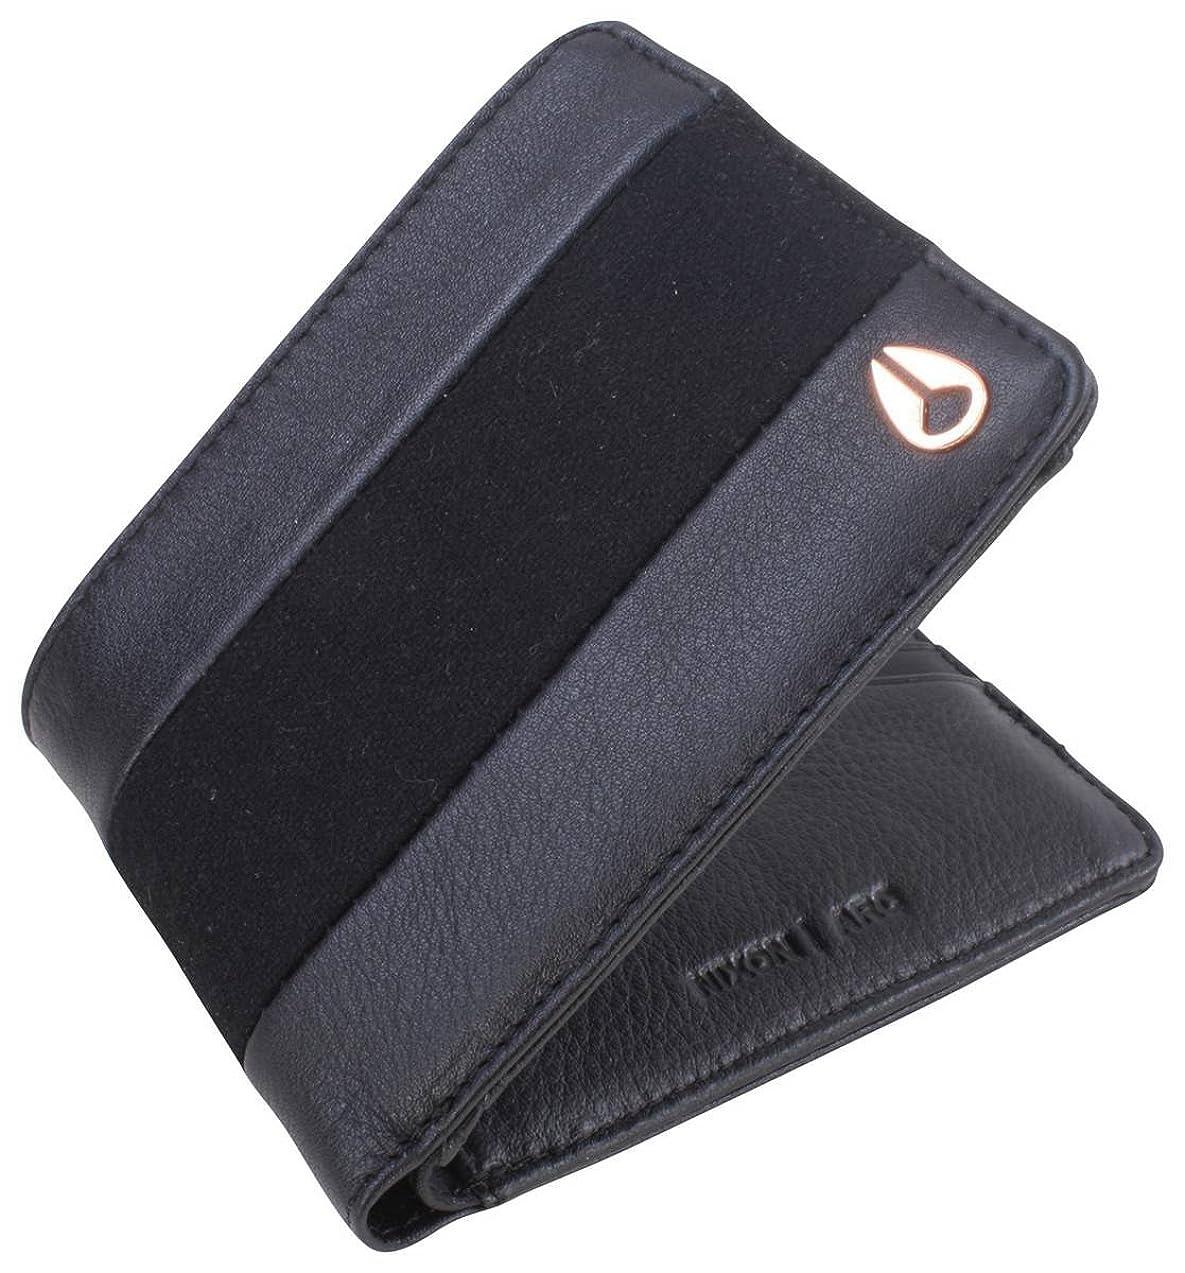 ペア水銀の研究所ブラック円弧二つ折り財布by Nixon